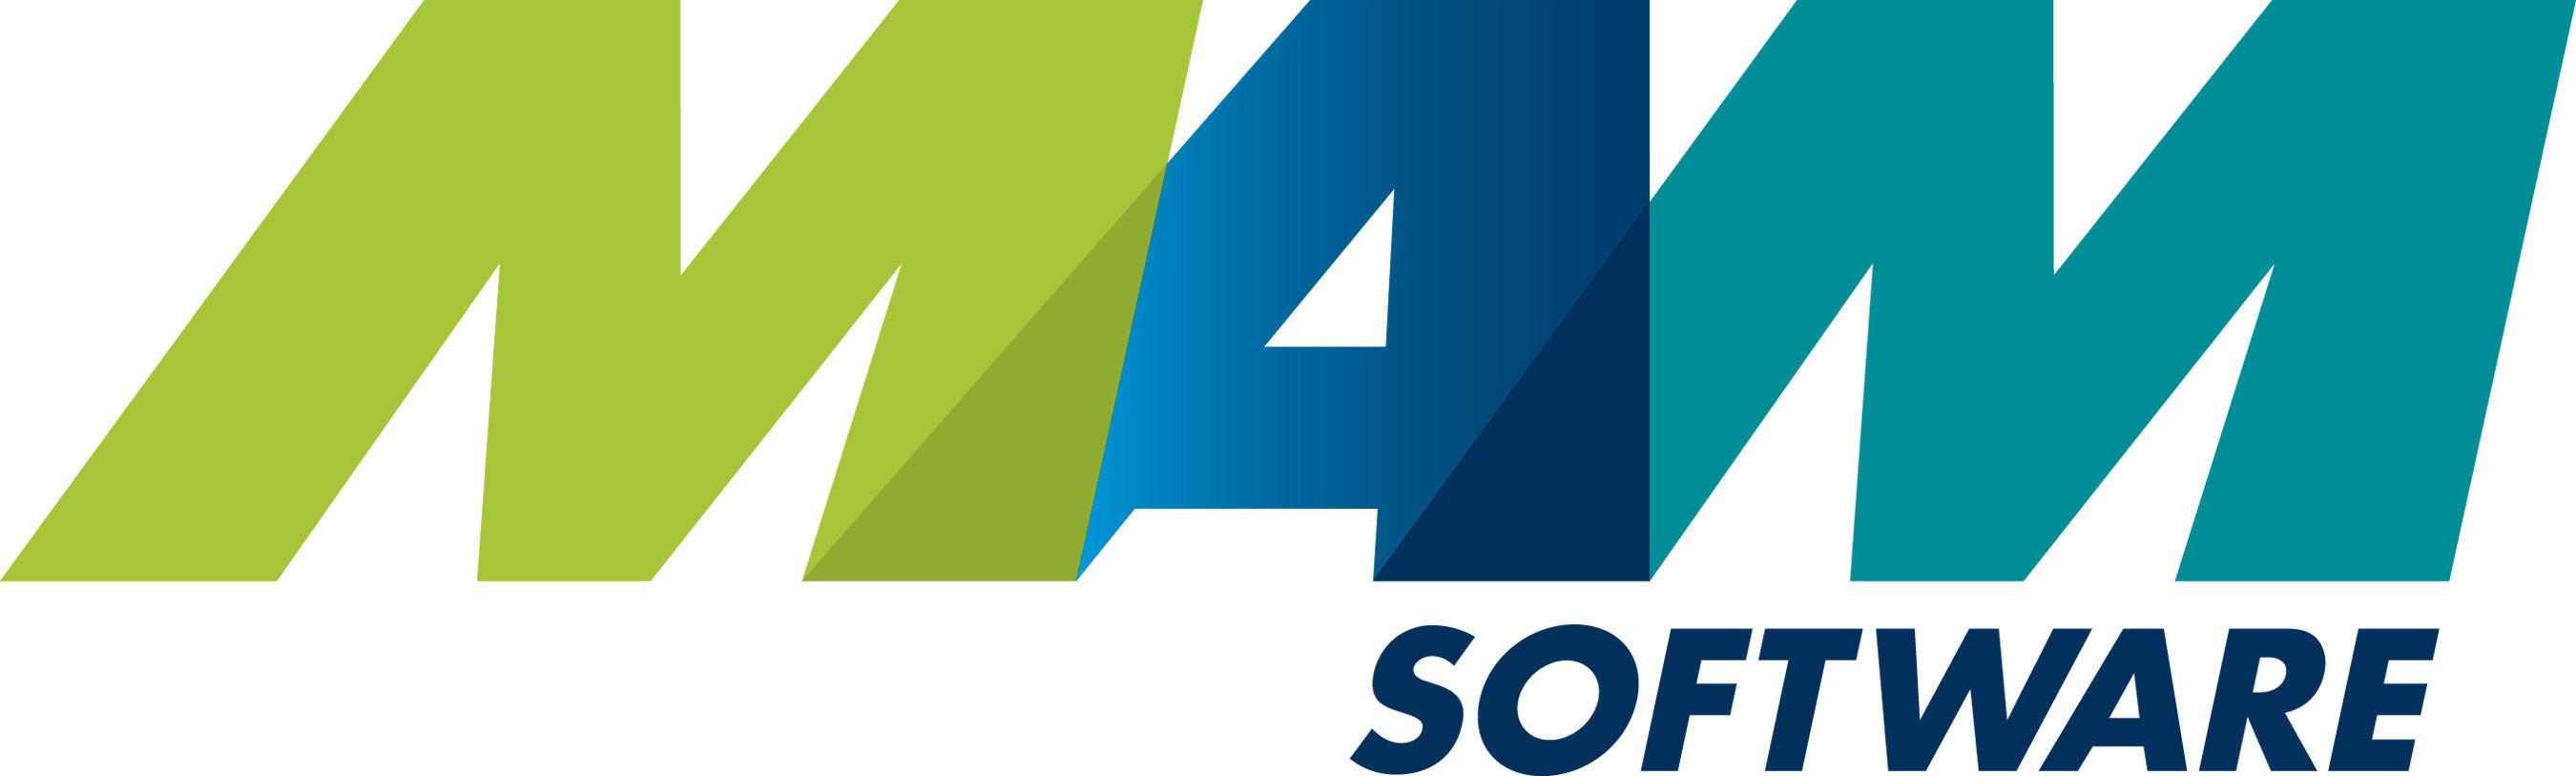 MAM Software Group, Inc. logo